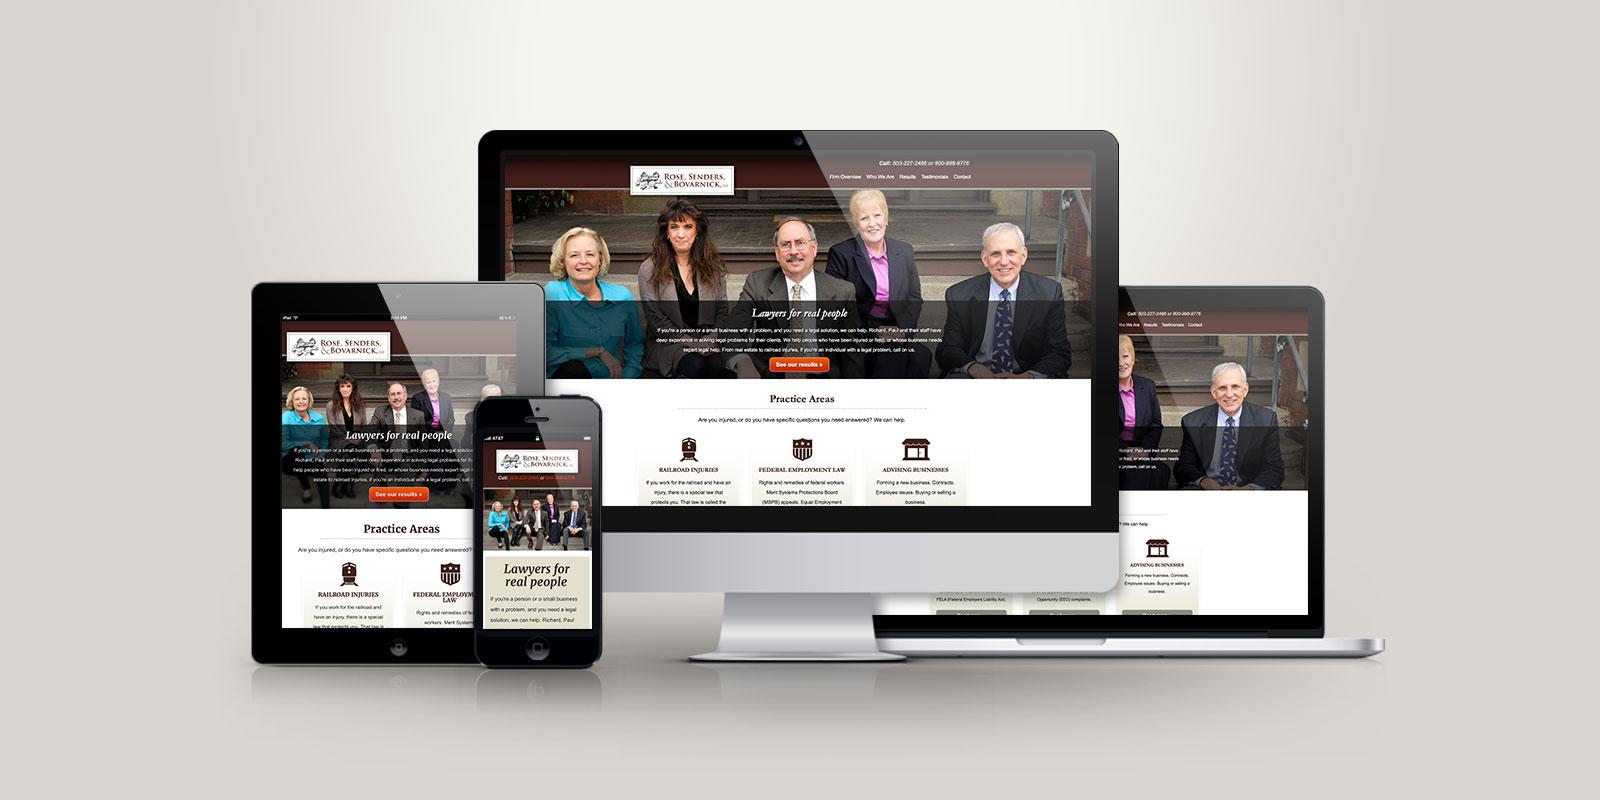 Rose, Sender, and Bovarnick responsive website